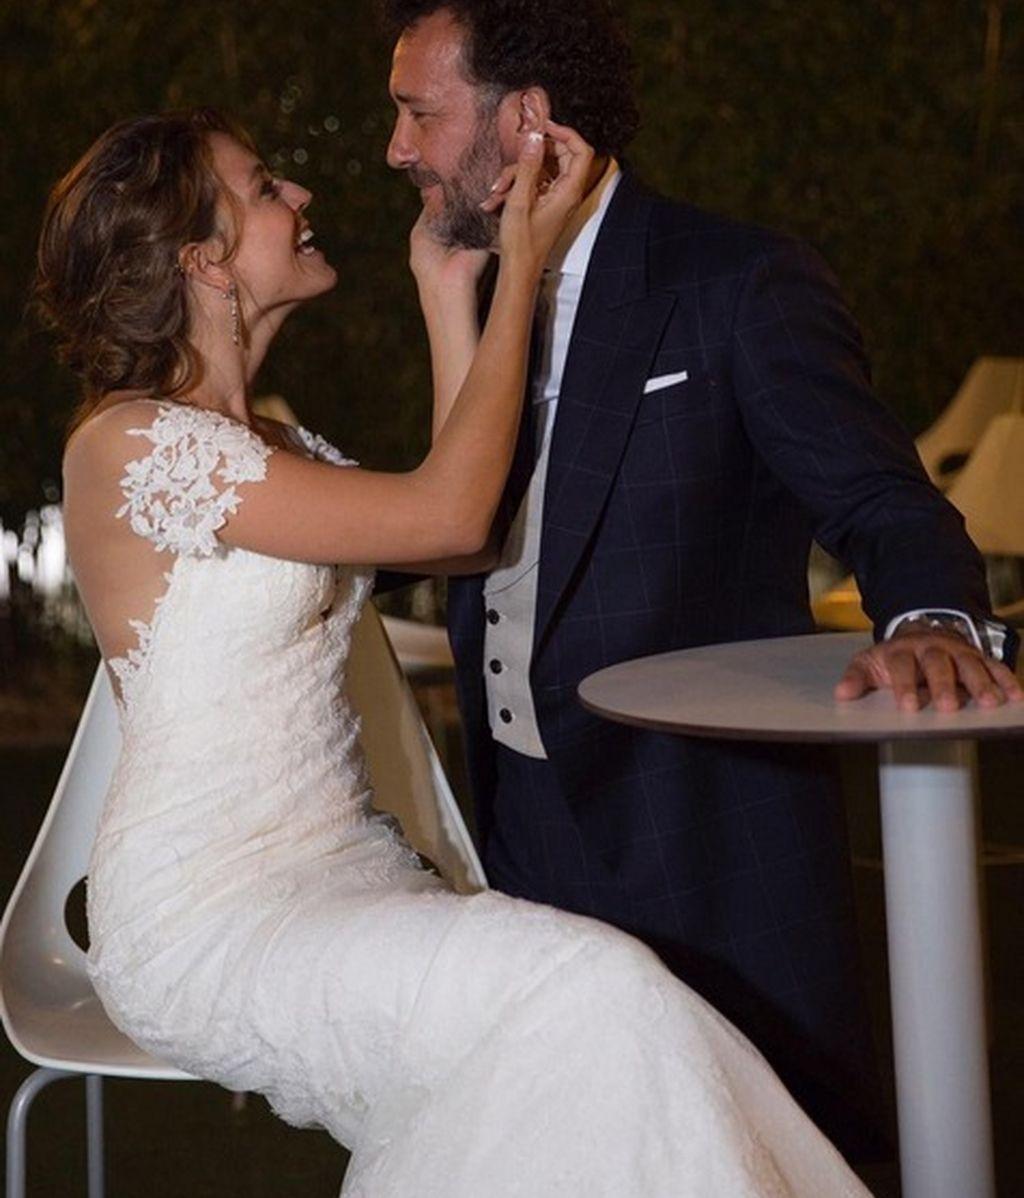 Imagen de la boda entre los actores José Luis García Pérez y Cristina Alarcón